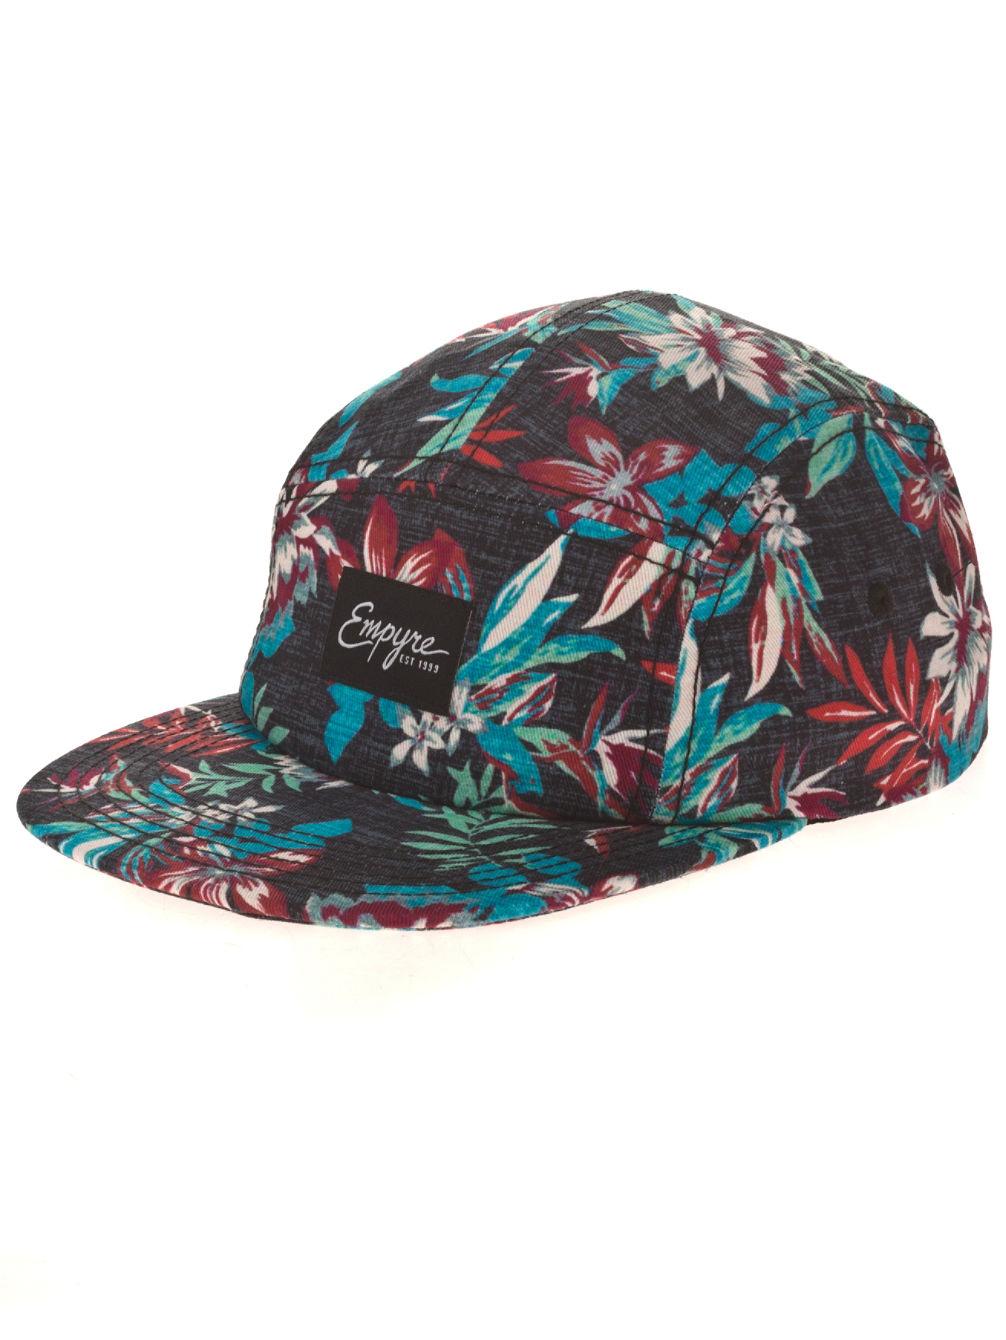 empyre-rainforest-cap